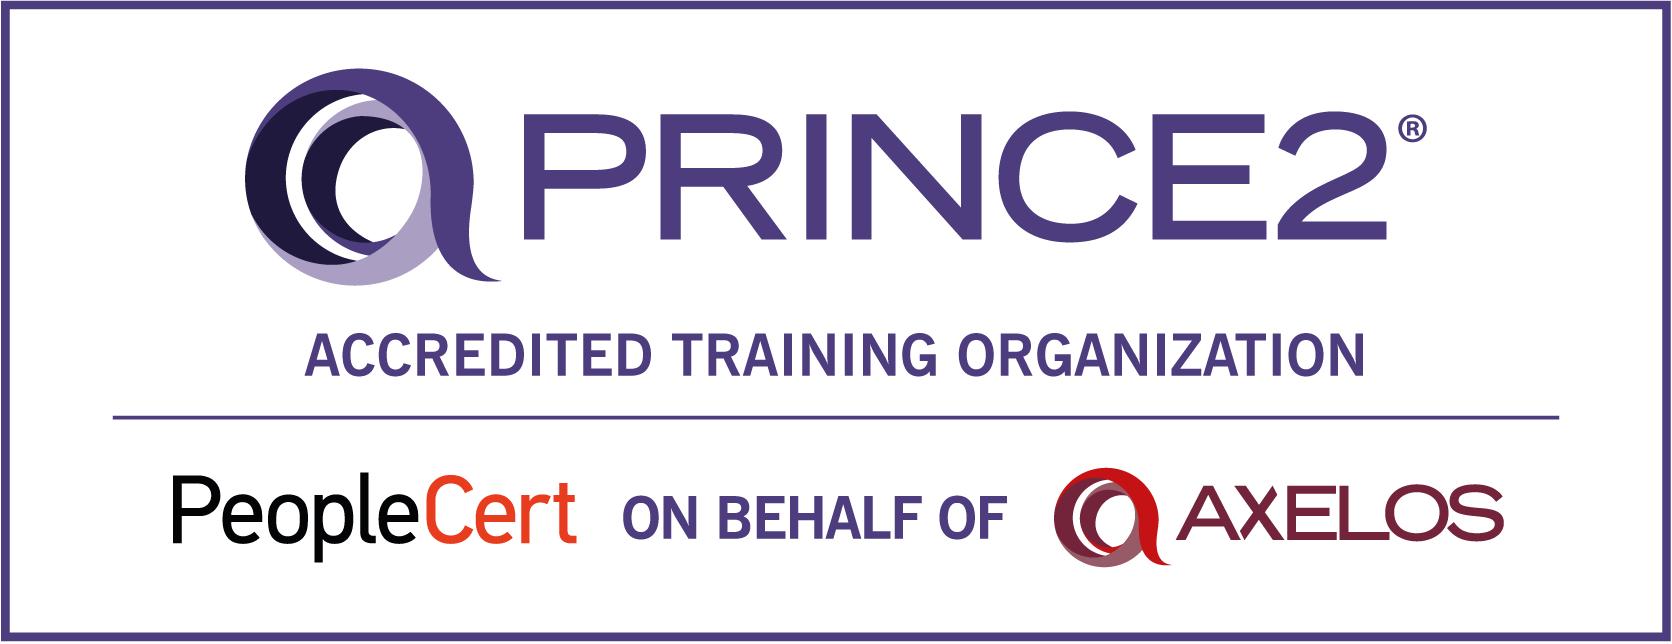 certification prince2 en ligne, prince2 elearning, formation prince2 en ligne, prince2 online